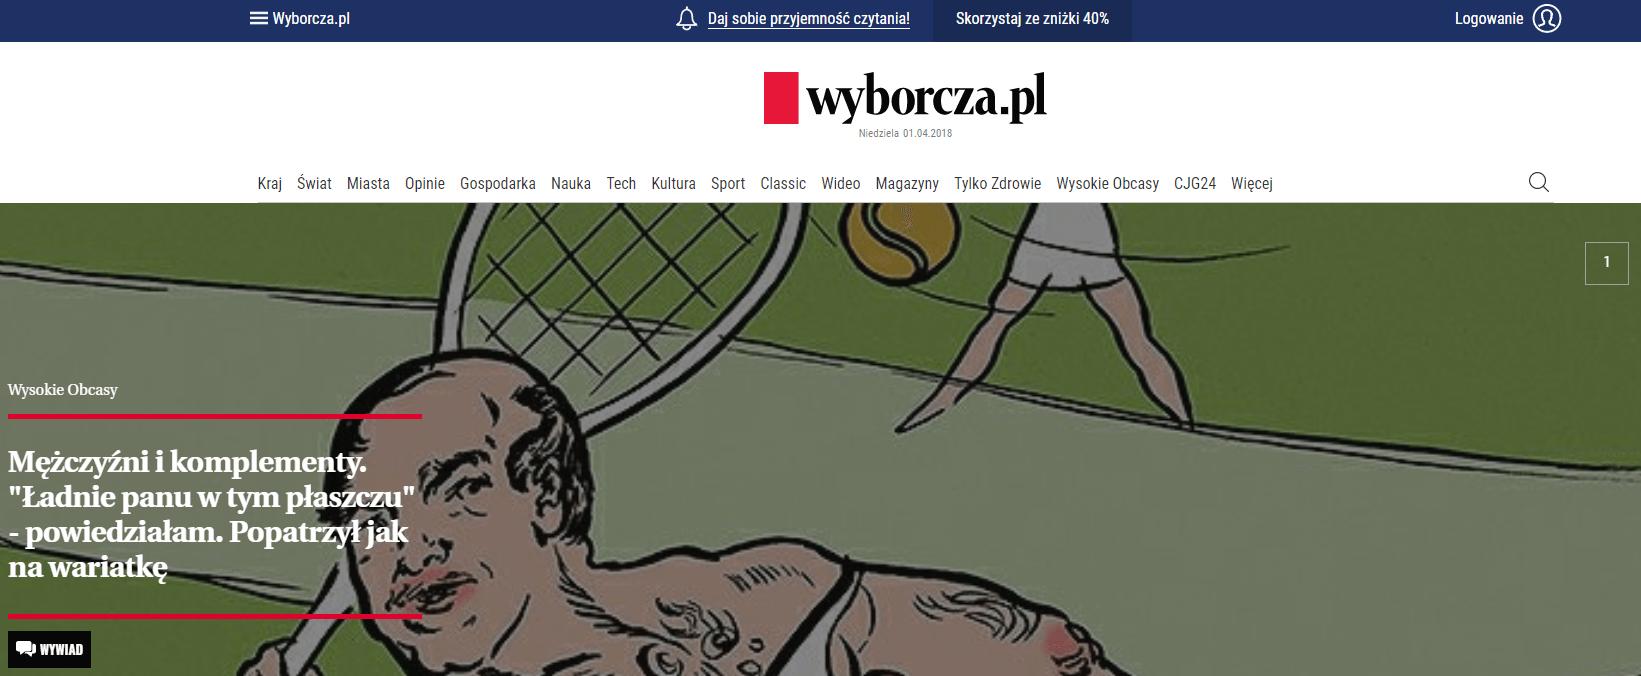 Главная страница wyborcza.pl